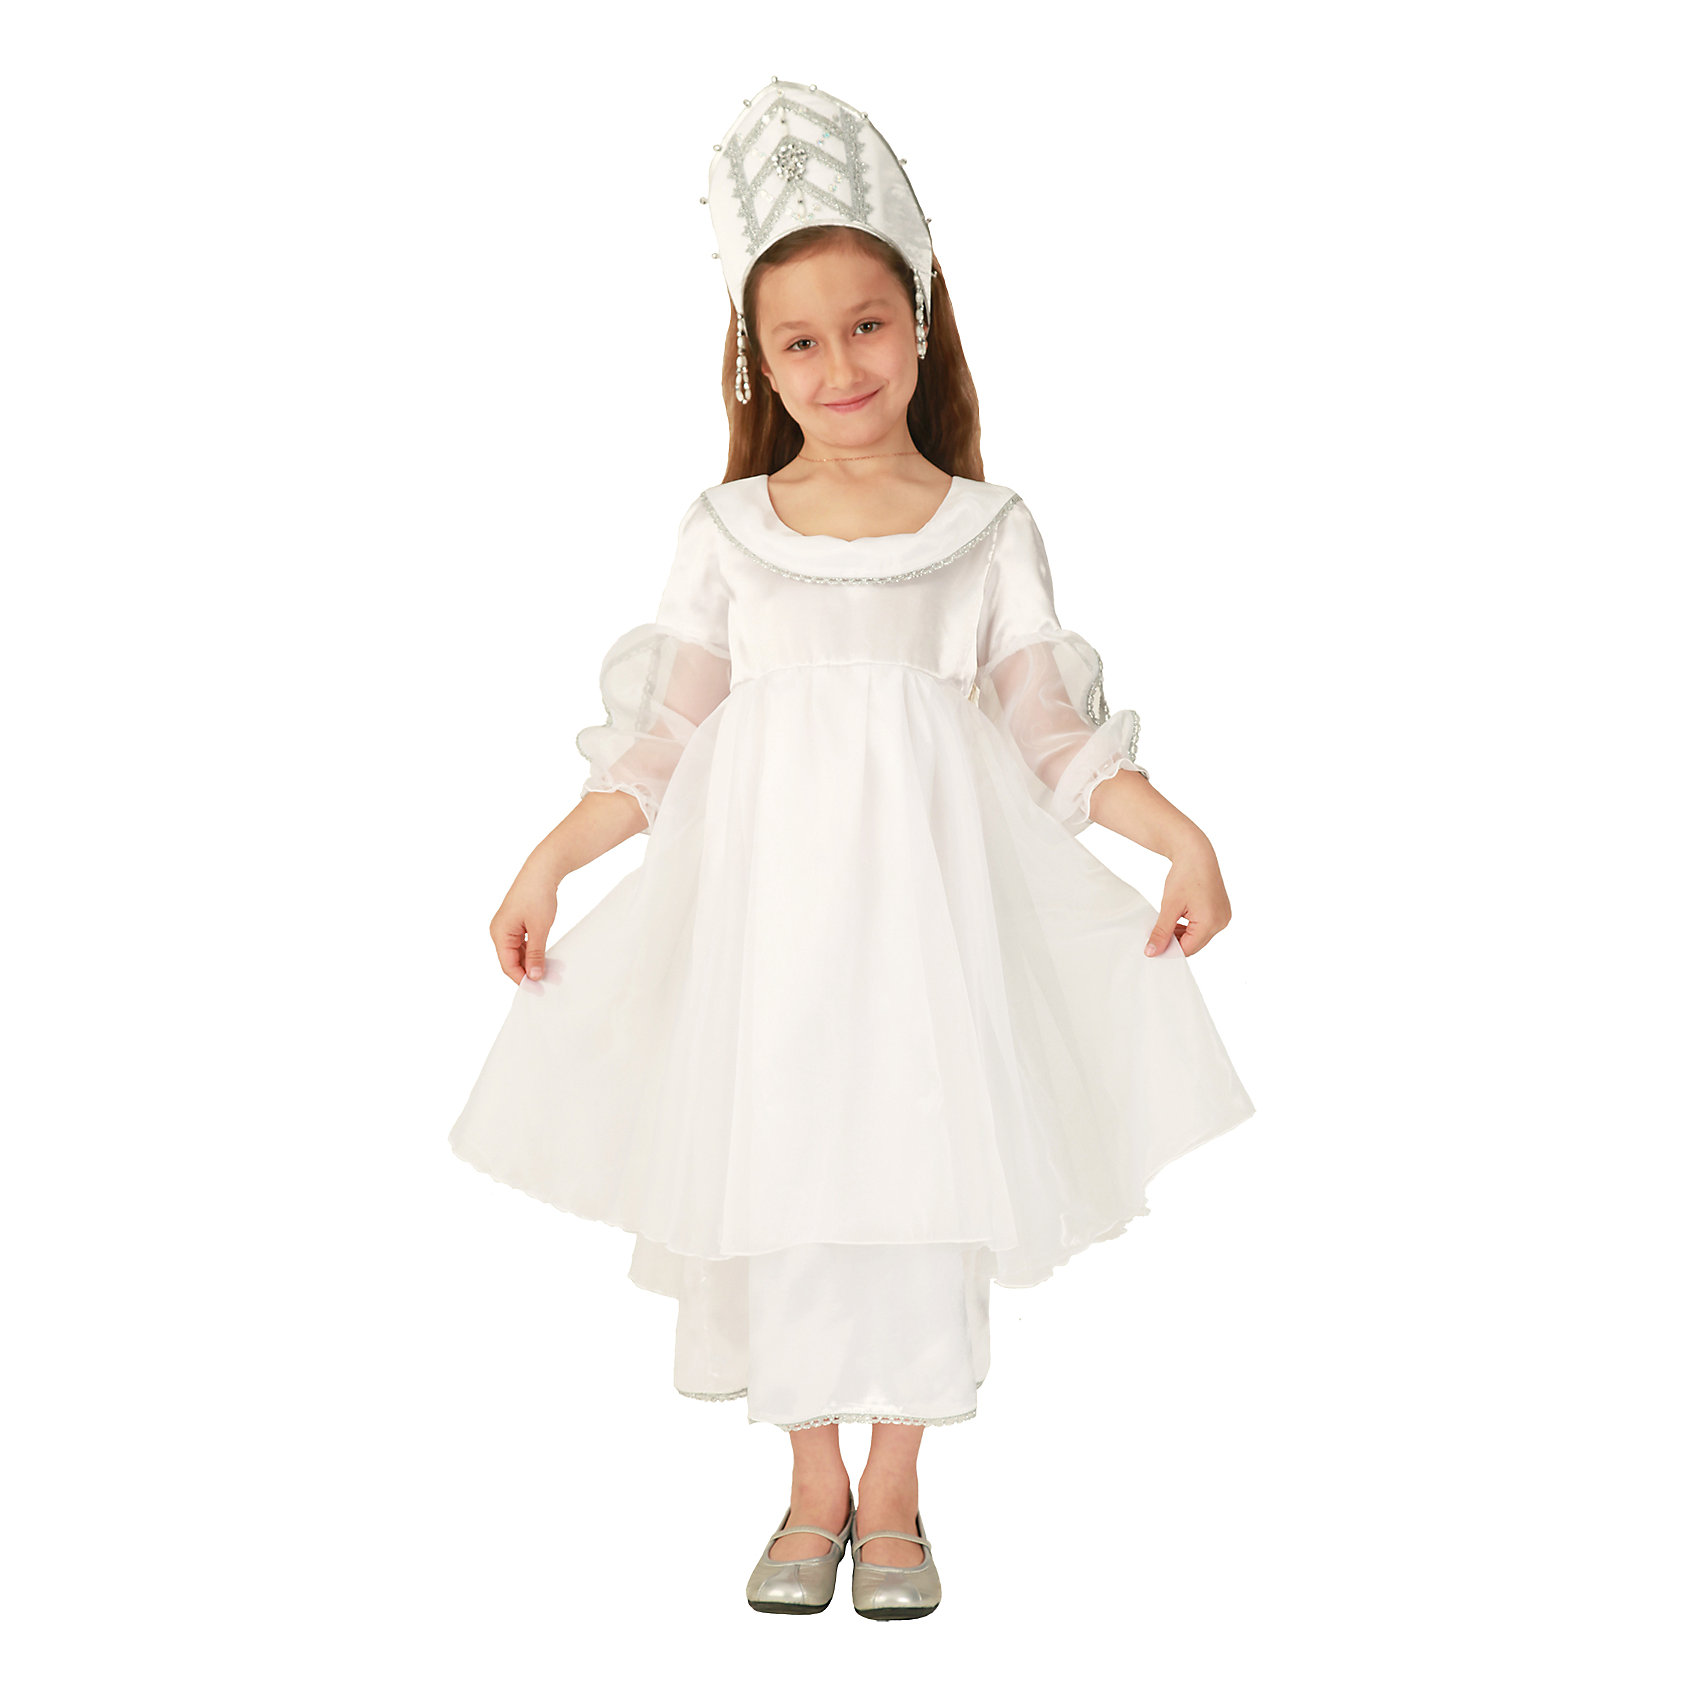 Вестифика Карнавальный костюм для девочки Снежинка сверкающая, Вестифика вестифика карнавальный костюм цыпленок вестифика